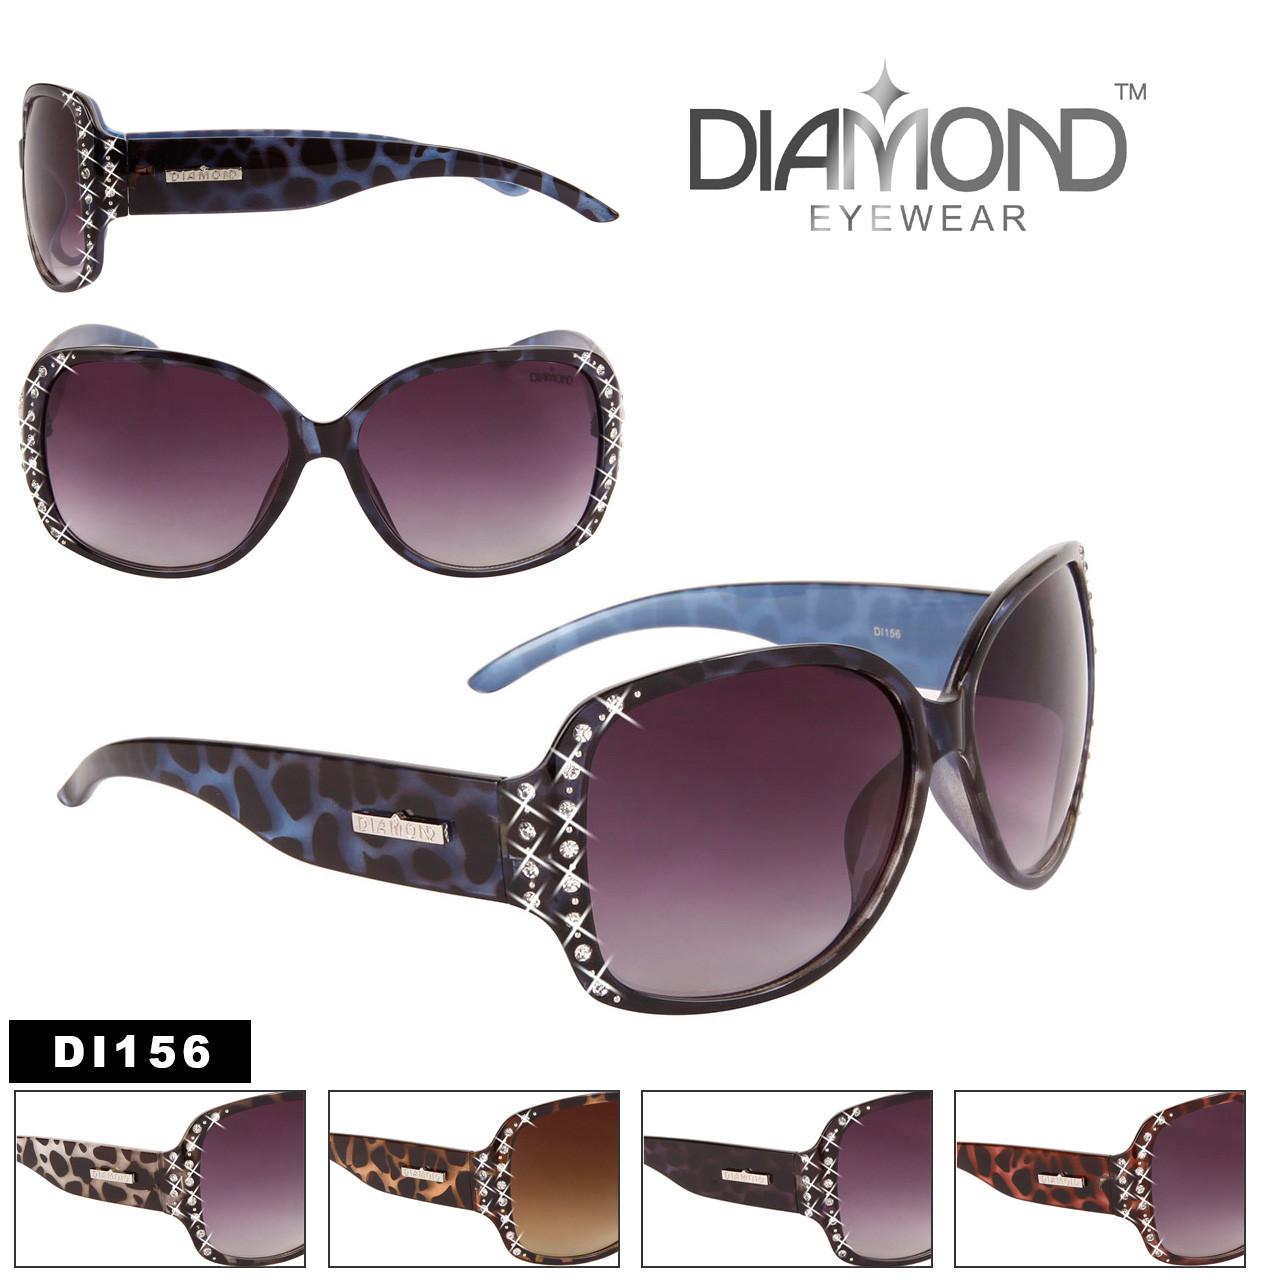 Diamond™ Eyewear Bulk Rhinestone Sunglasses - Style #DI156 (Assorted Colors) (12 pcs.)